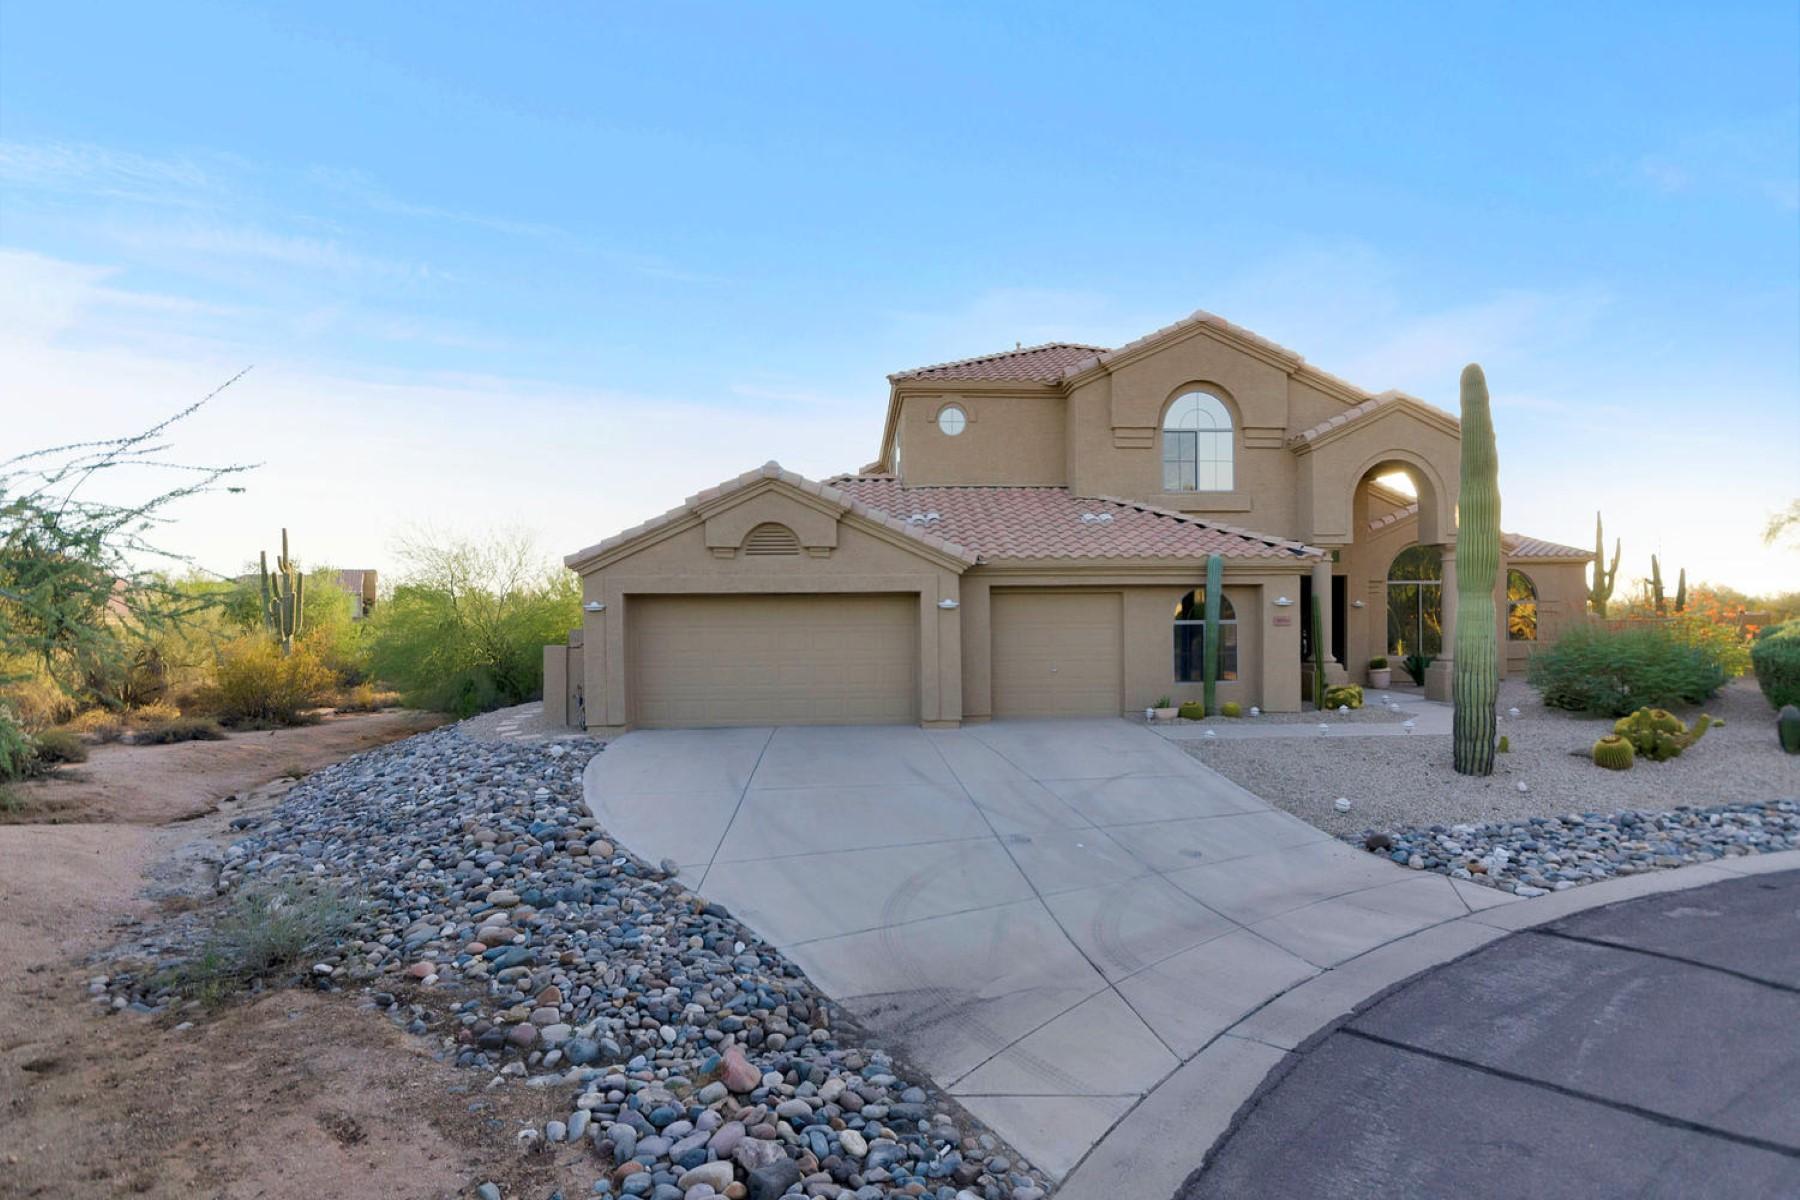 獨棟家庭住宅 為 出售 在 Rare contemporary home in North Scottsdale. 29744 N 67th Way Scottsdale, 亞利桑那州 85266 美國